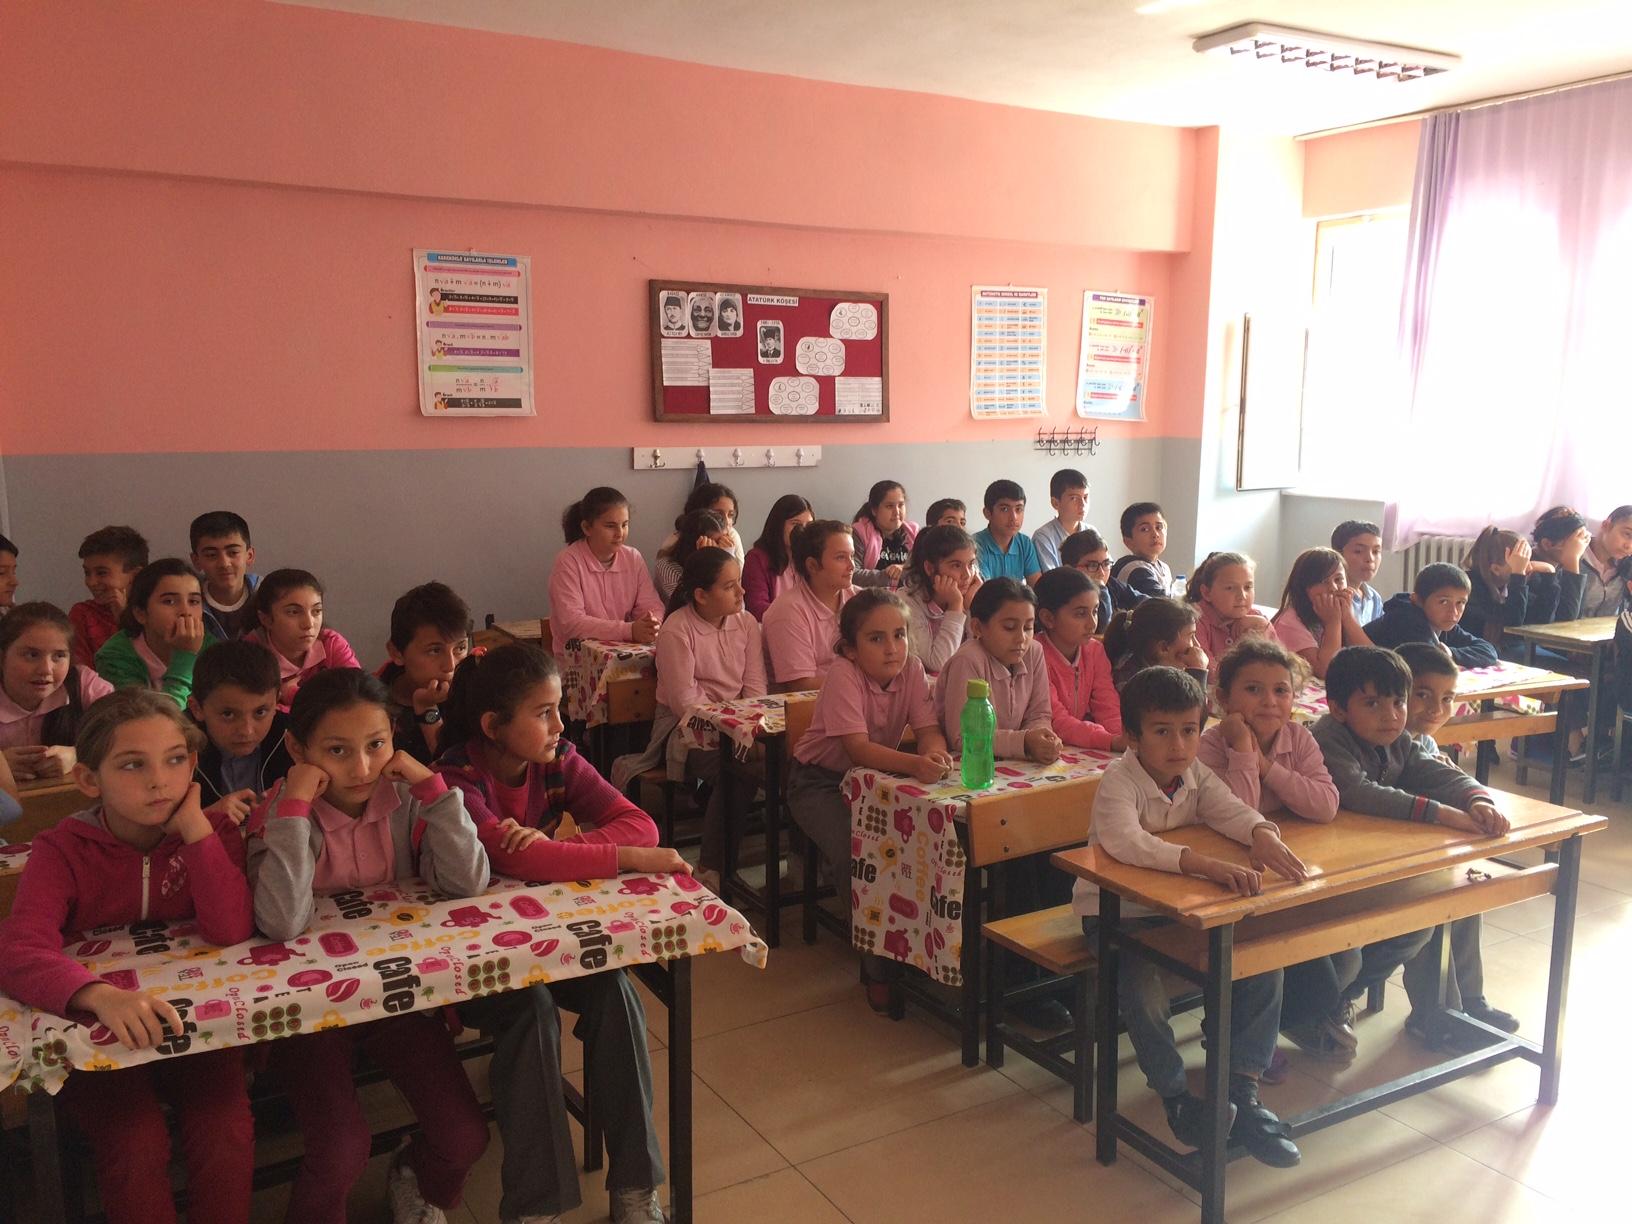 Sarıderesi İlkokulu ve Ortaokulu'nda Sıfır Atık Konulu Eğitim Verildi